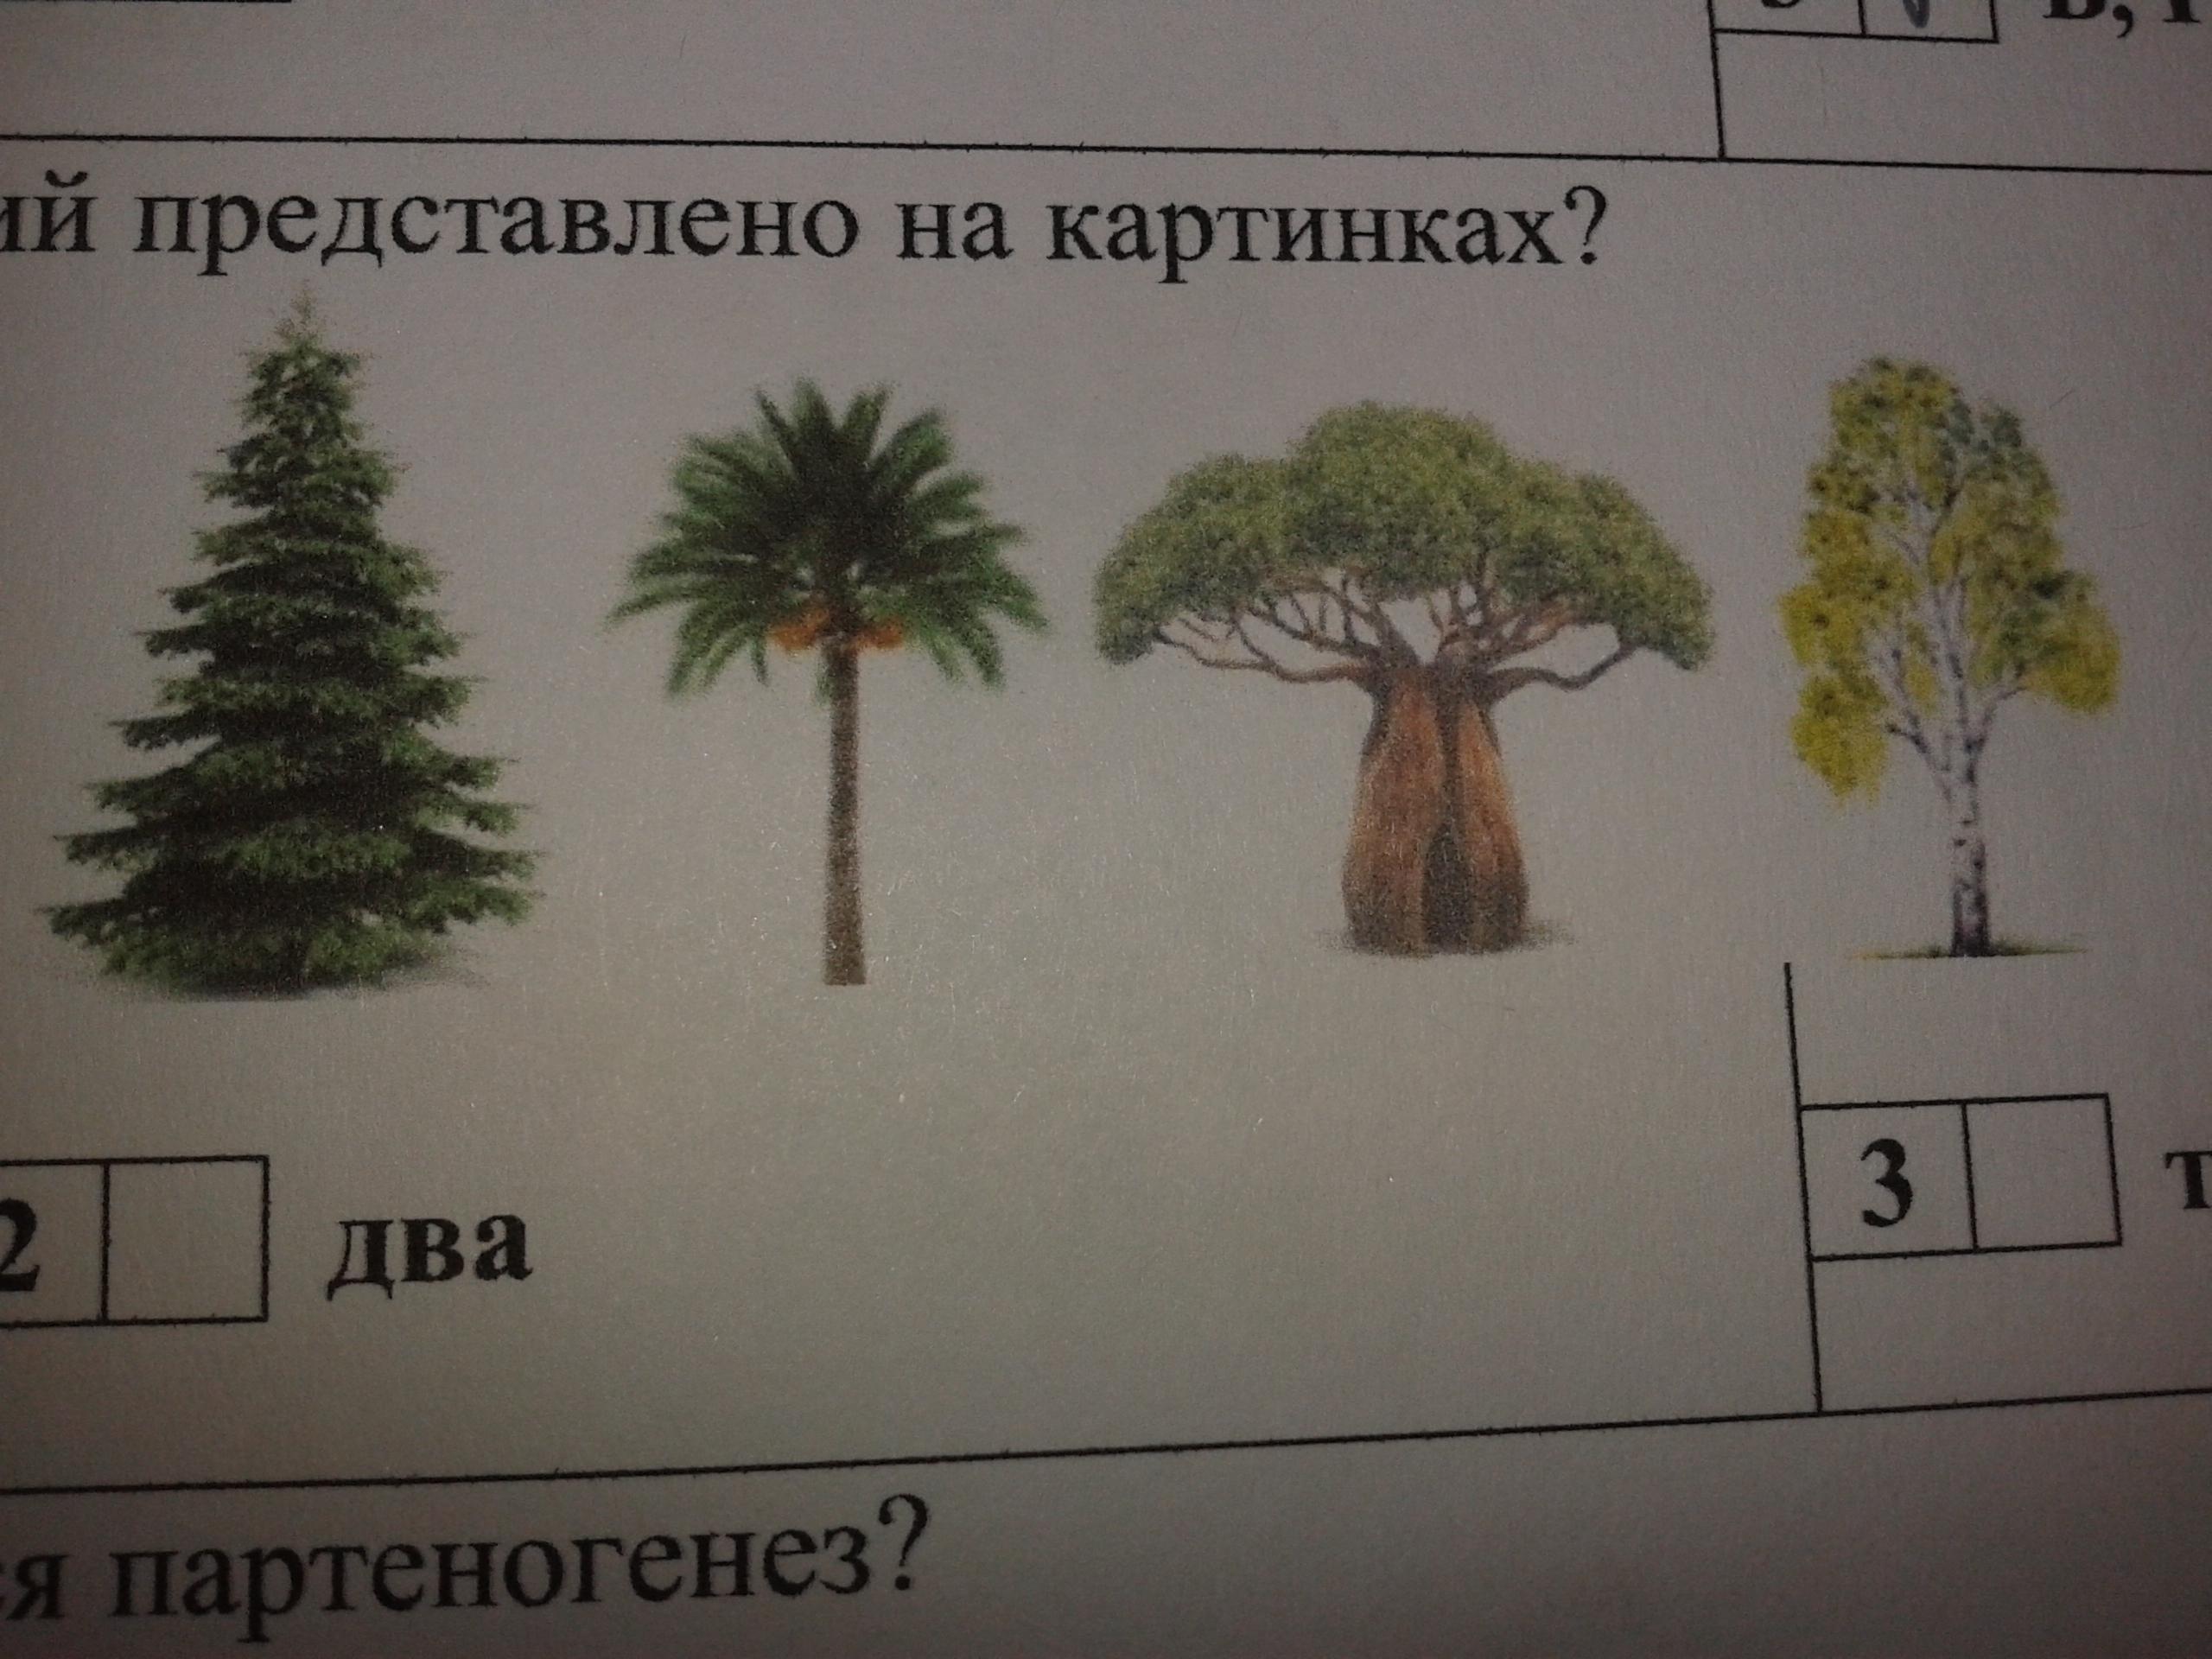 Сколько однодольных растений вы видите? помогите, пожалуйста!1) одно2) два3) три